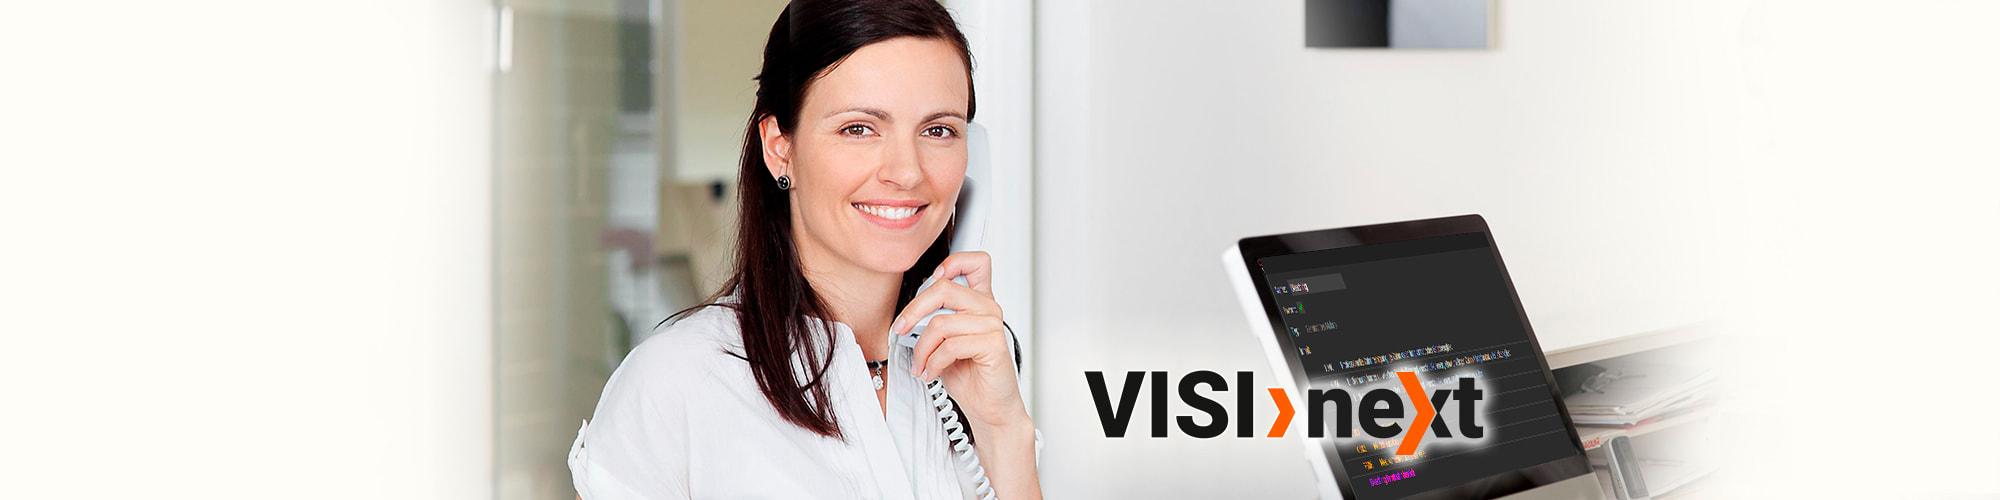 Slider Praxismanager Makros - VISInext BDV GmbH